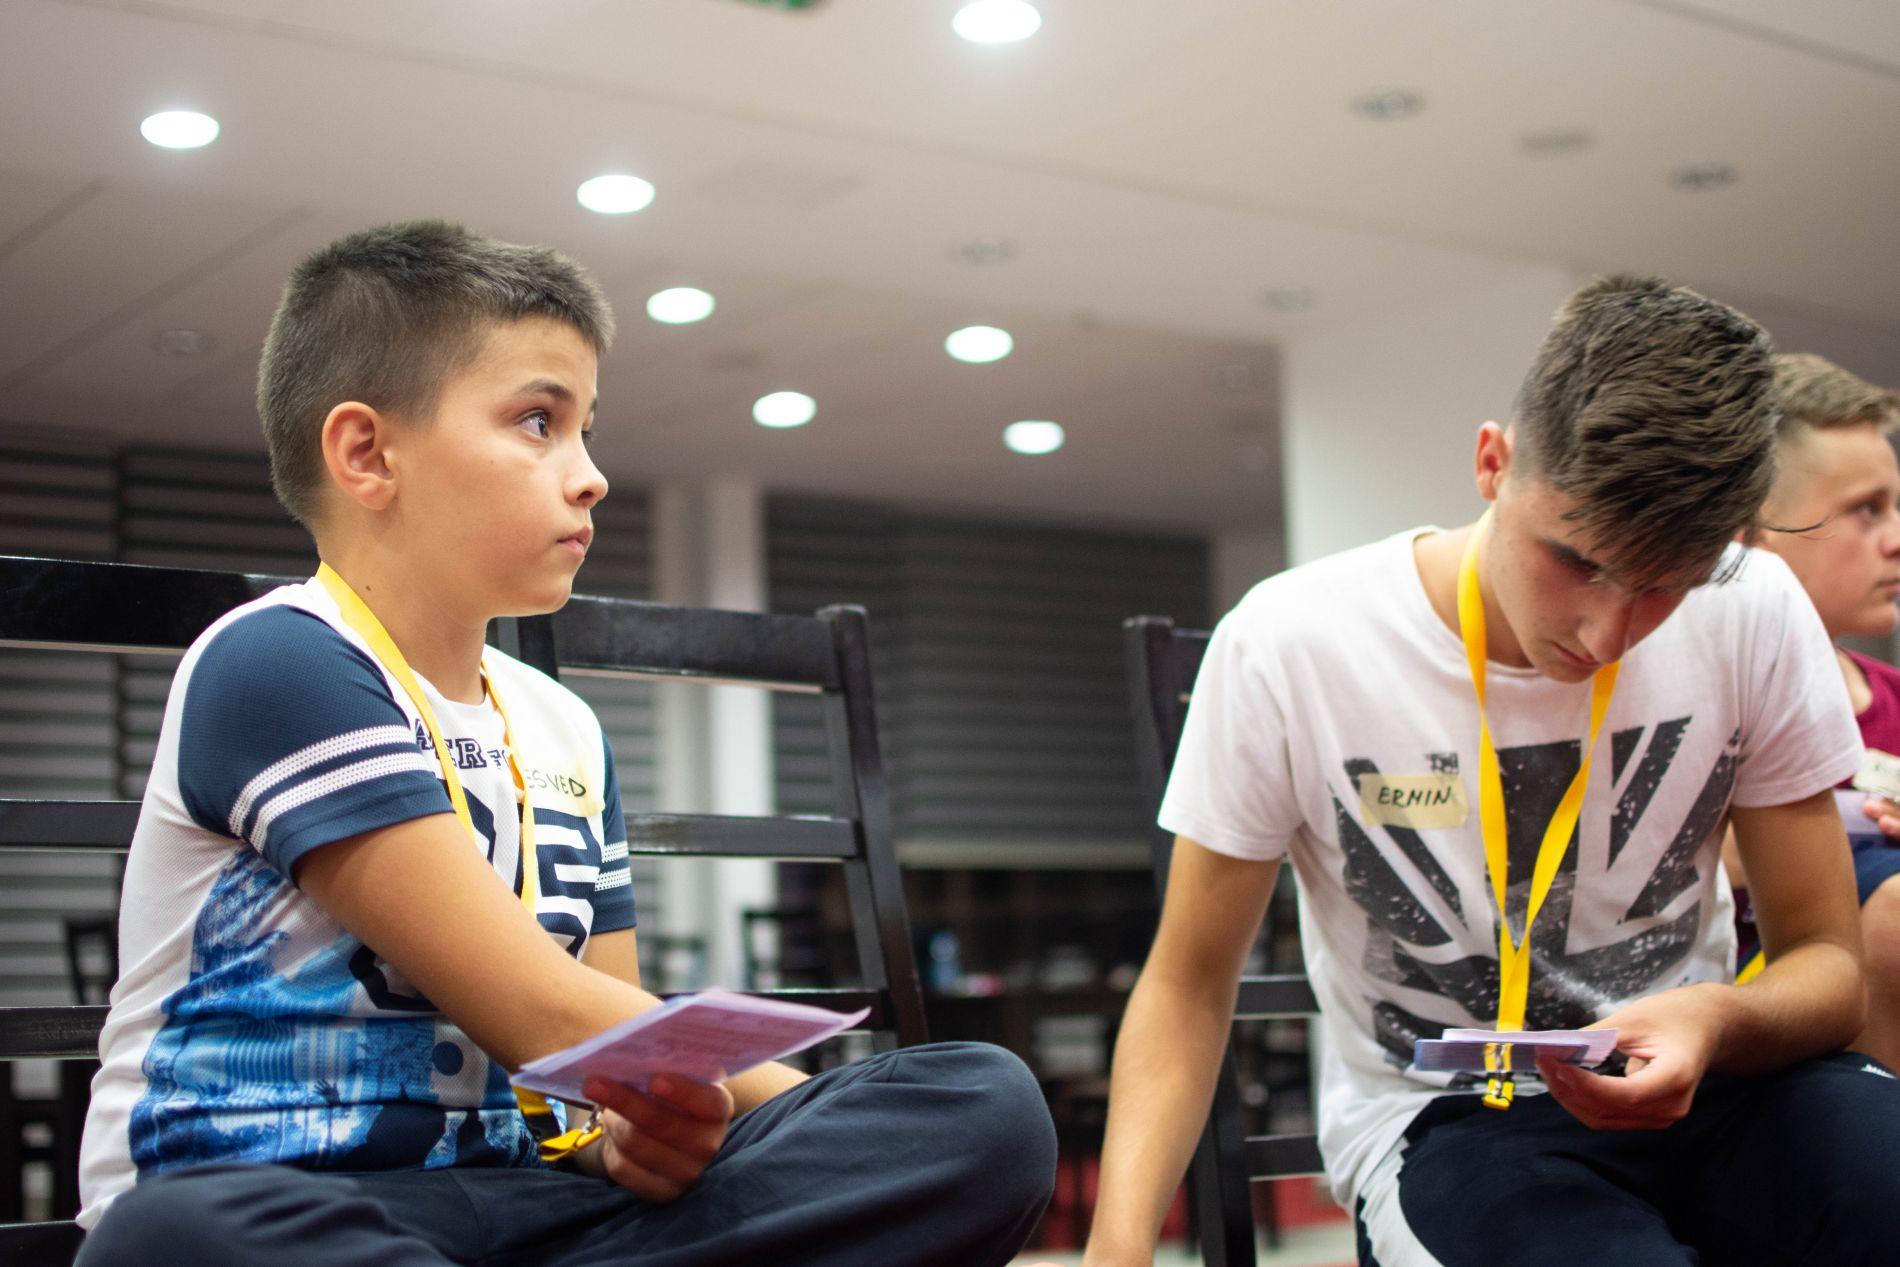 Ljetna skola za djecu iz povrat mjesta 2019_21